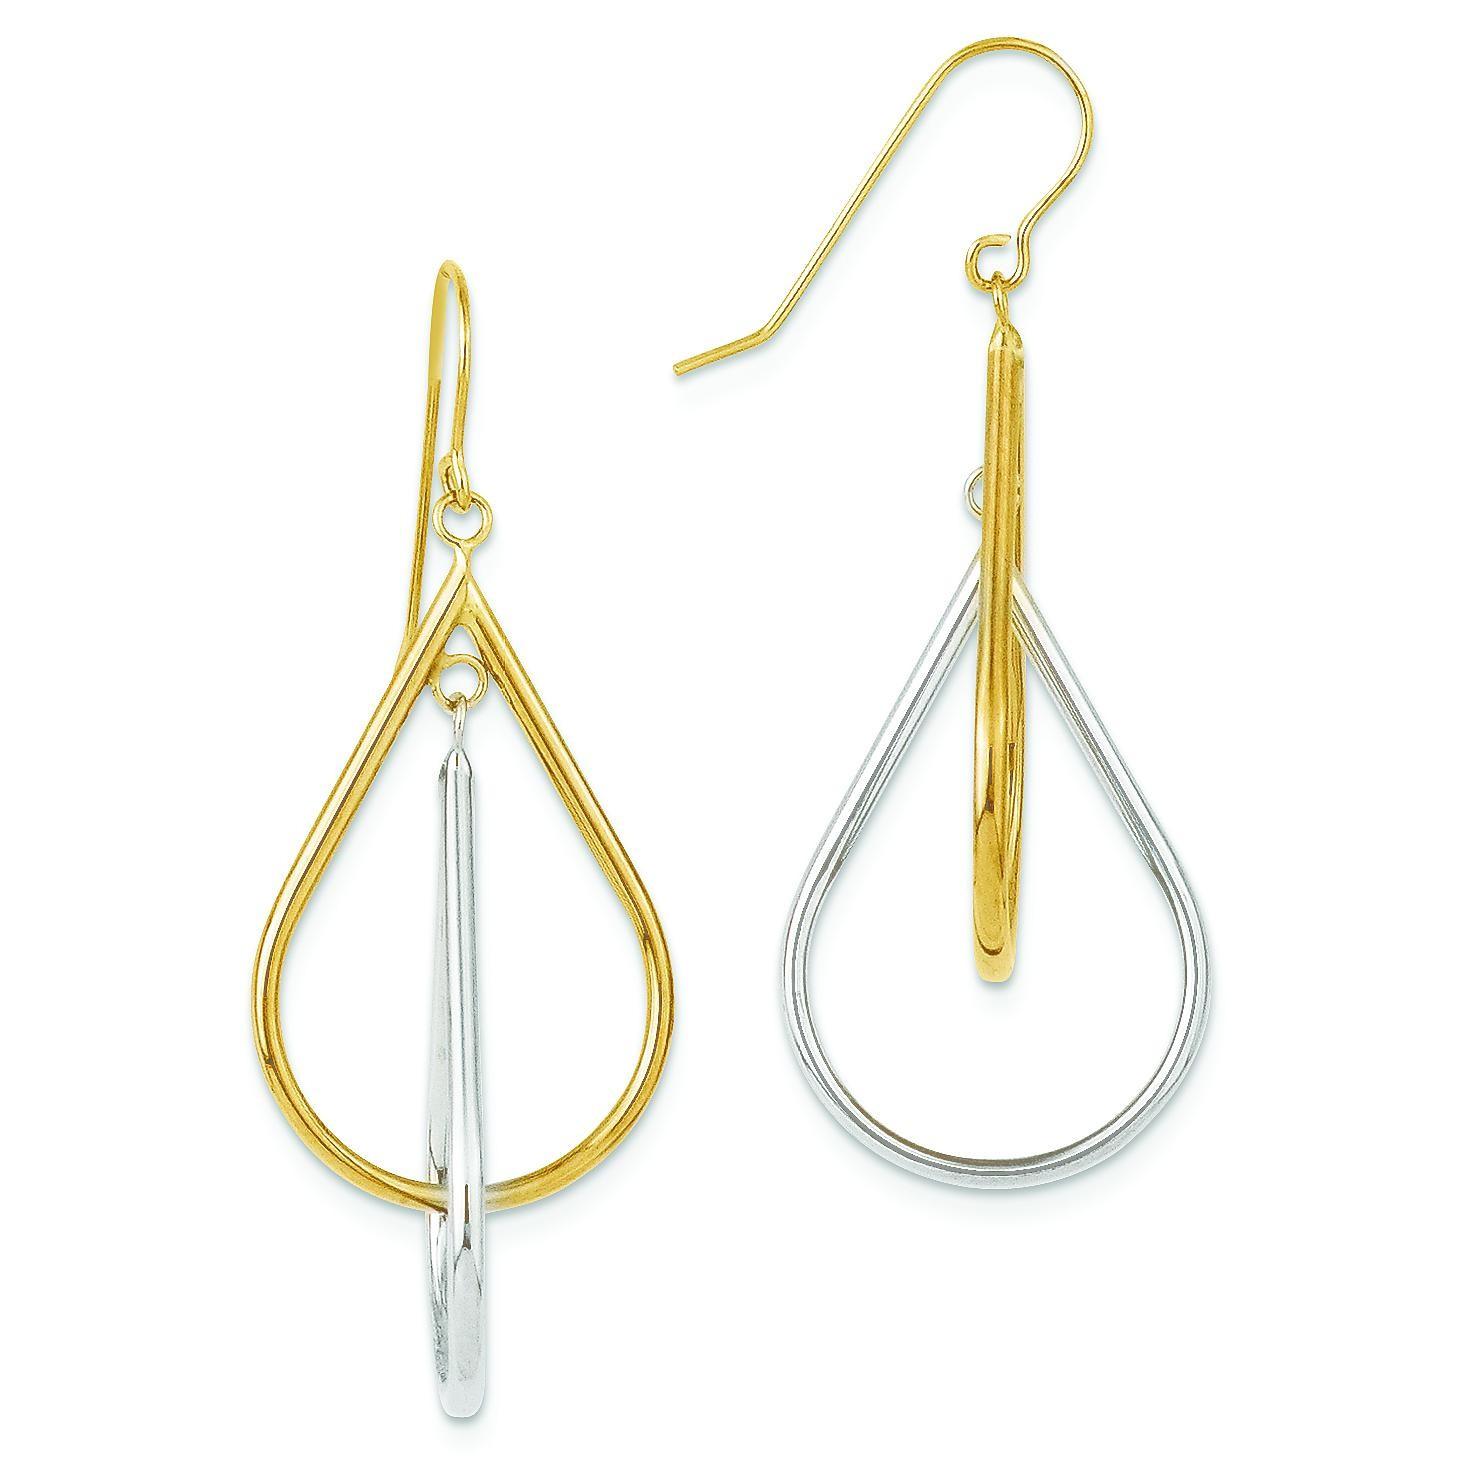 Tear Drop Tube Leverback Earrings in 14k Two-tone Gold